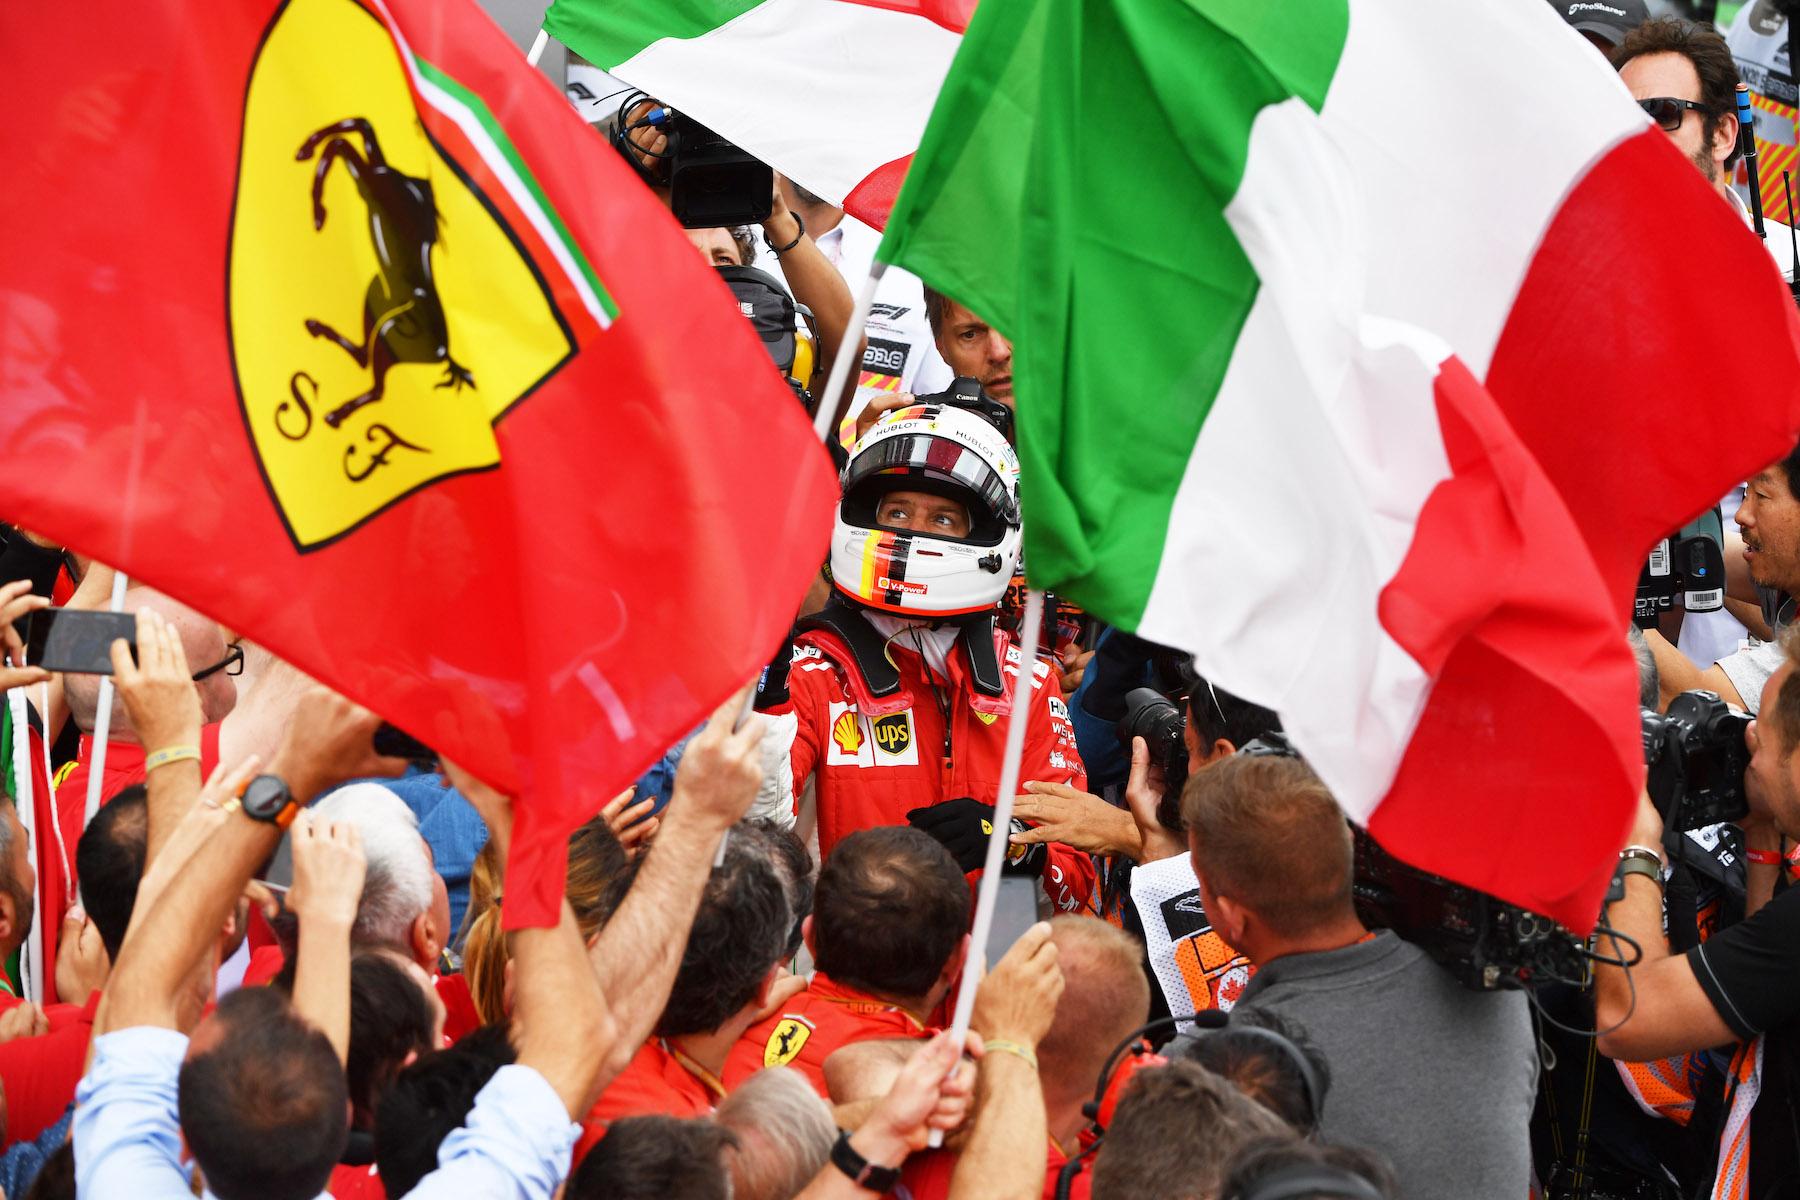 6 - Sebastian Vettel at Montreal